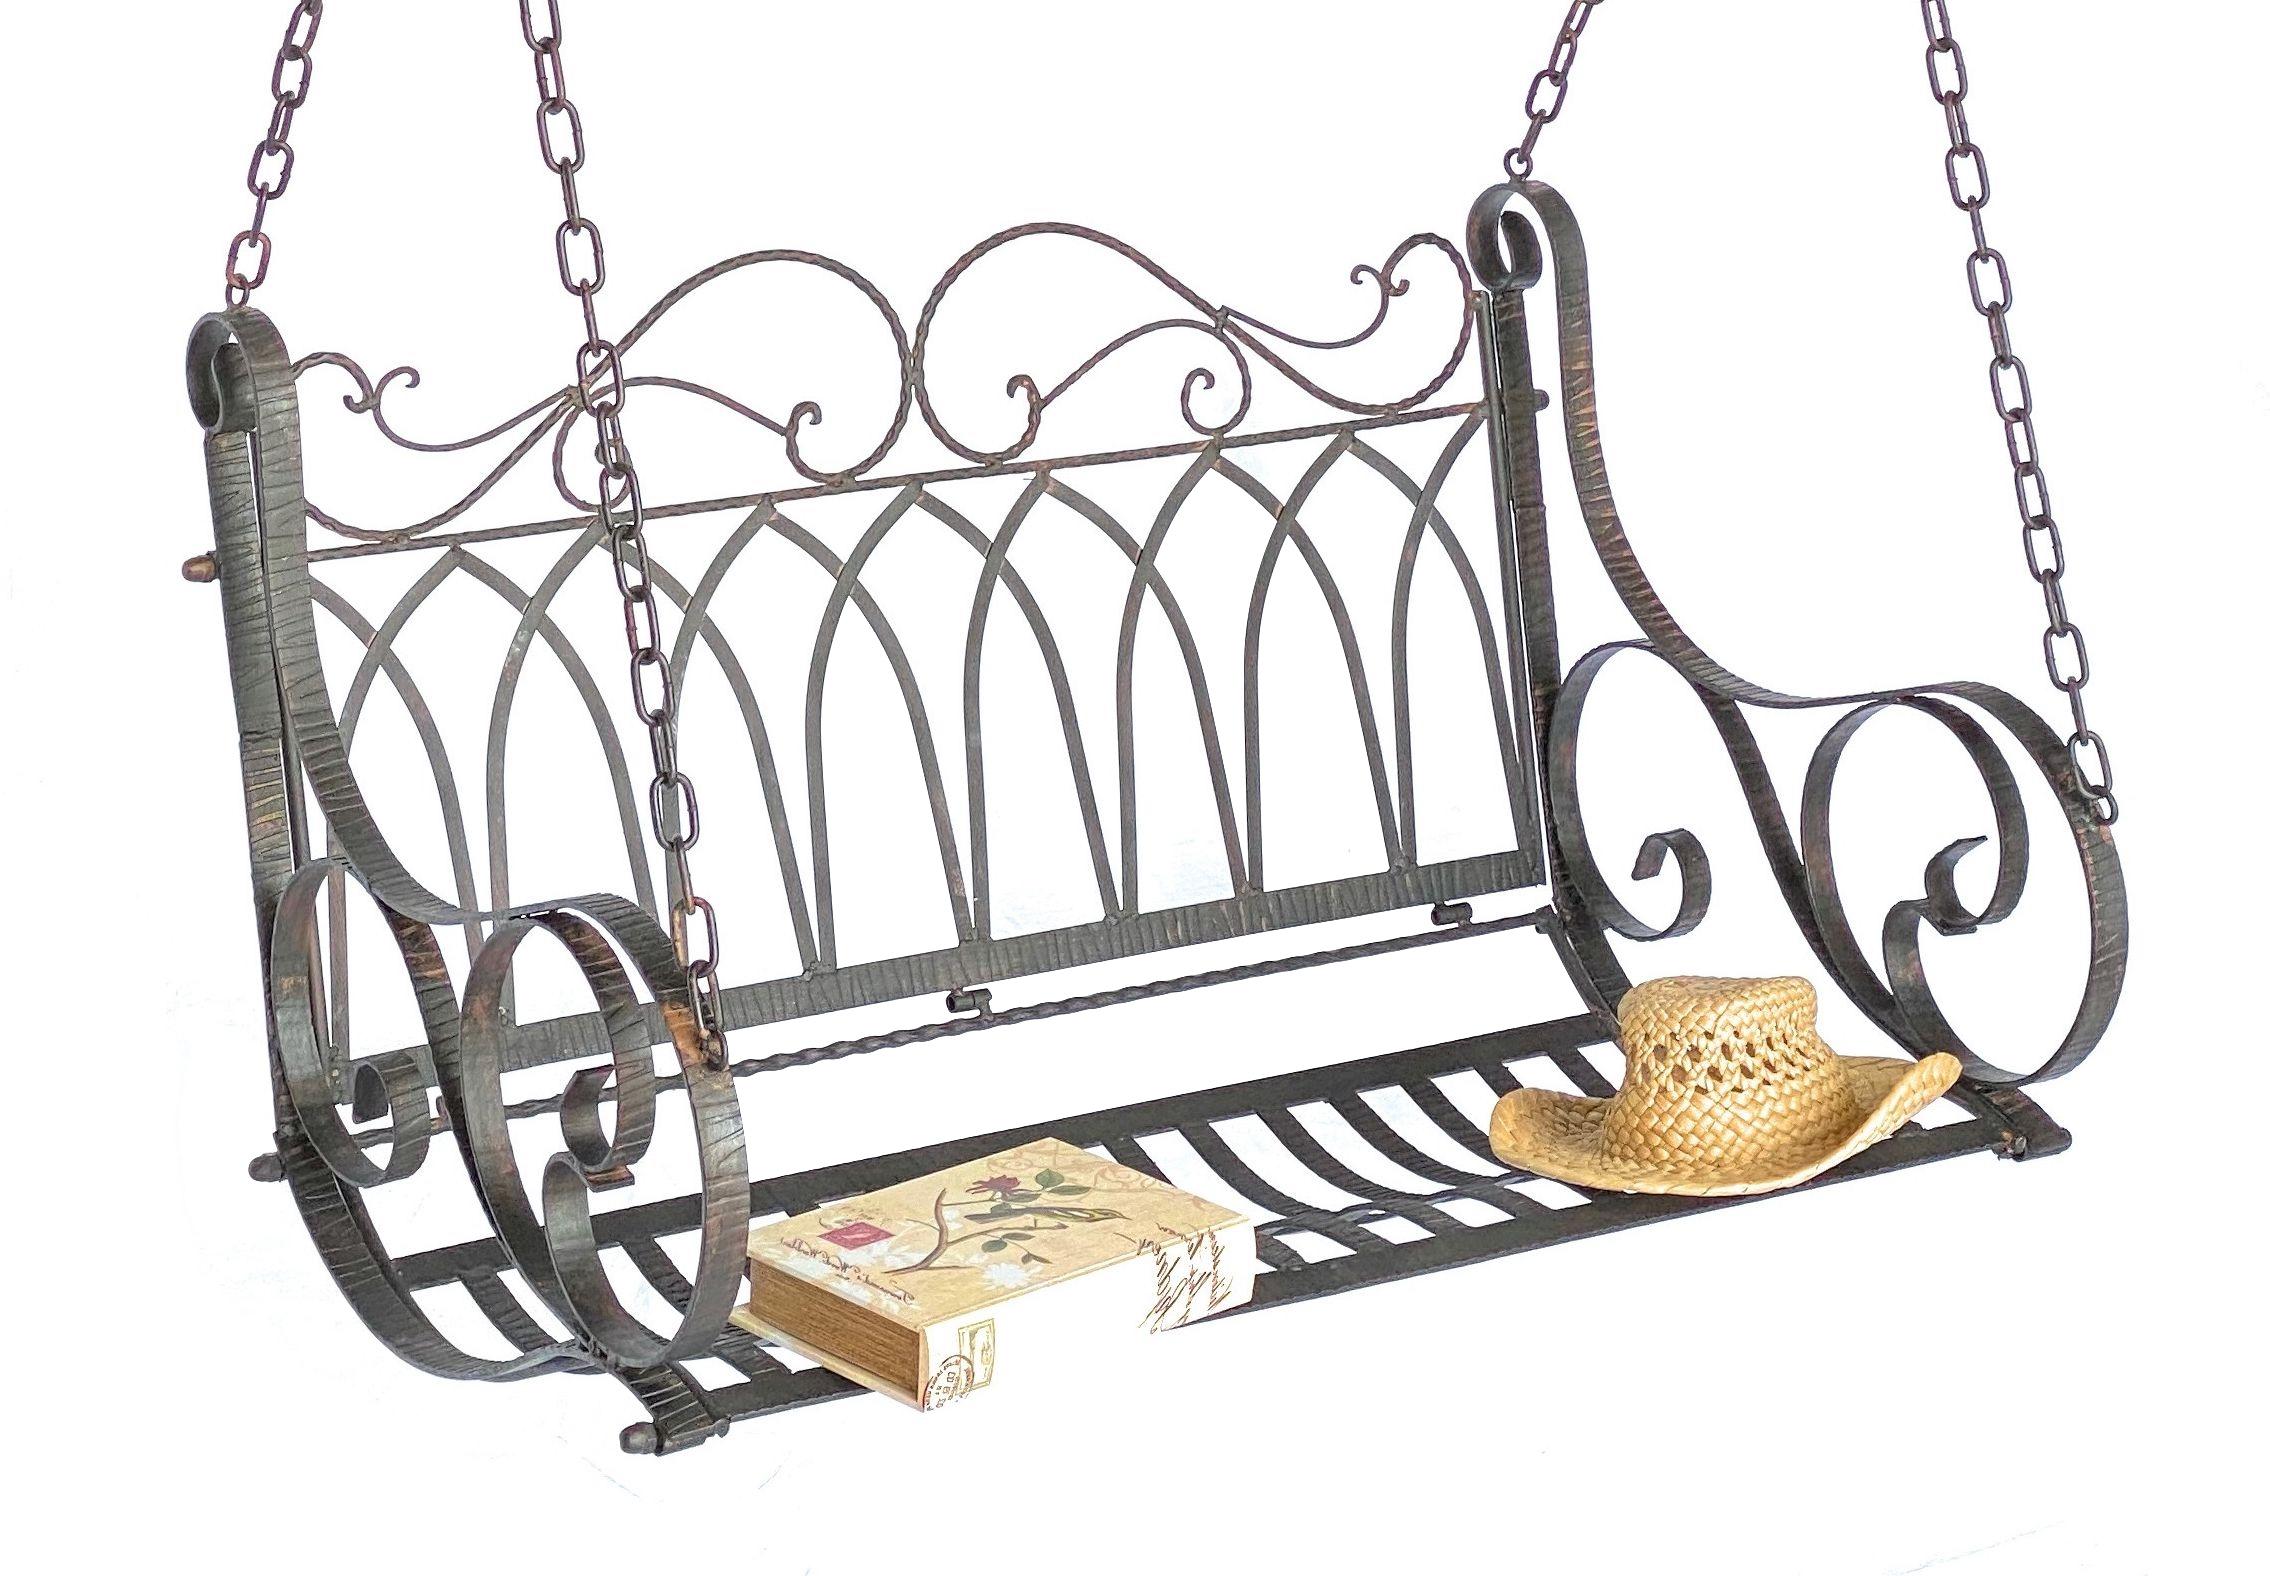 Schaukel Bank Hangebank Metall Schmiedeeisen Mit Ketten Dandibo